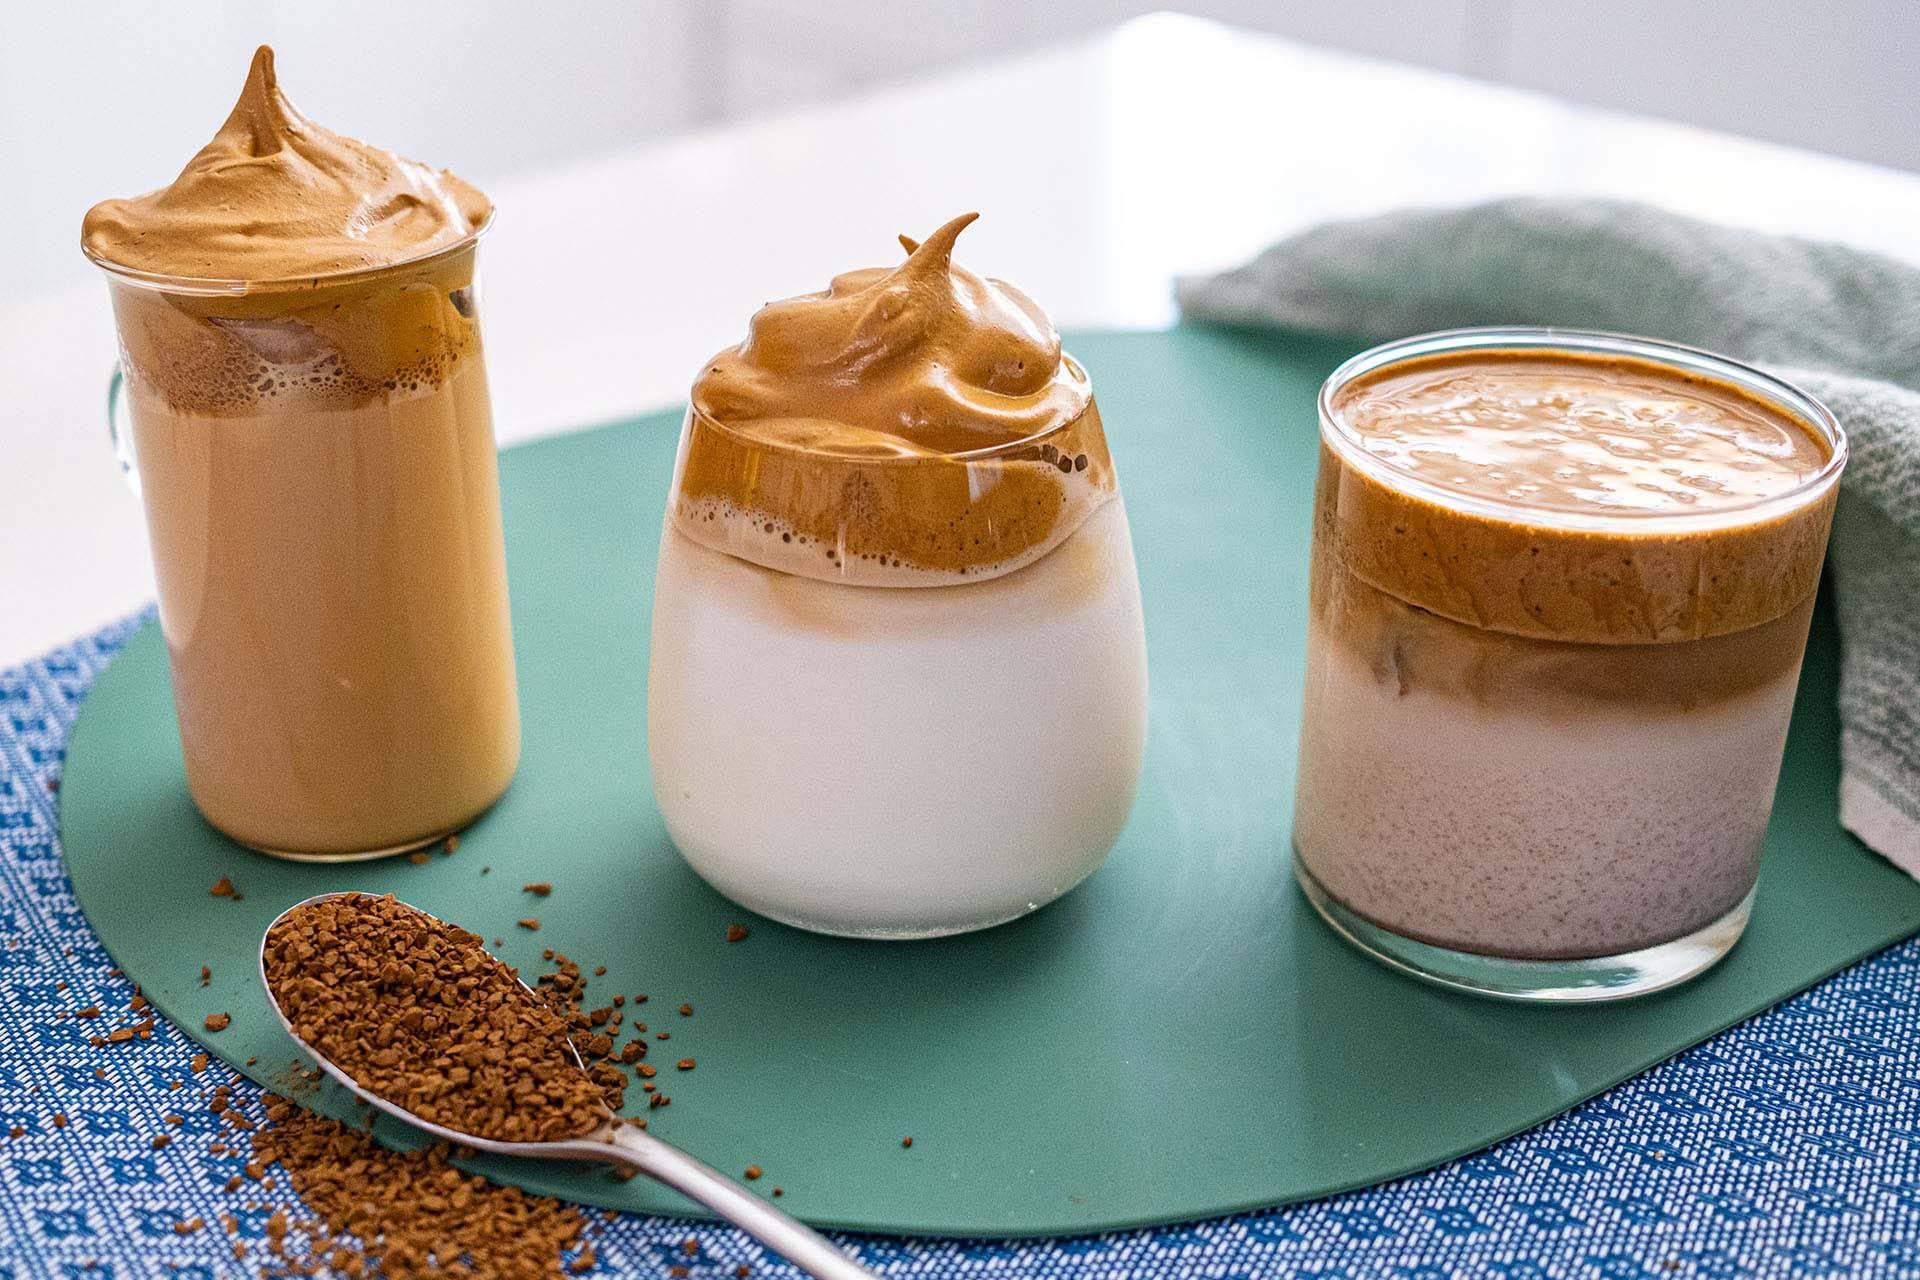 Южнокорейский кофе dalgona действительно хорош: фишка в приготовлении – электронный венчик